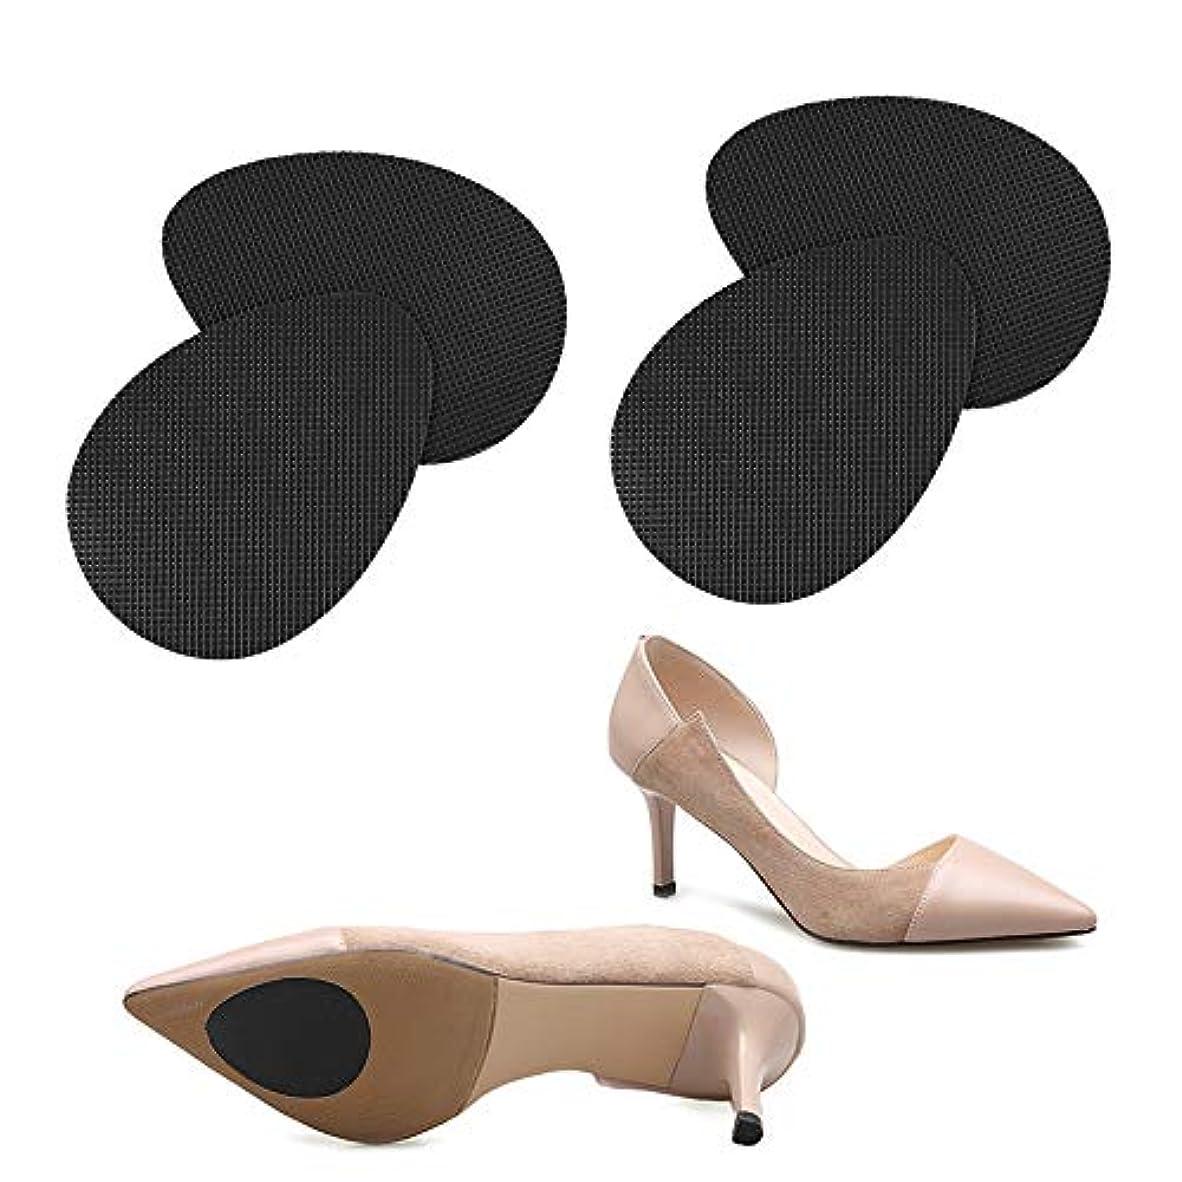 取り消すオーケストラ可能靴 滑り止め ステッカー,LINECY 【スリップガード】靴保護 シート つま先&かかと 靴底補修 滑り止め (2足4枚いり)